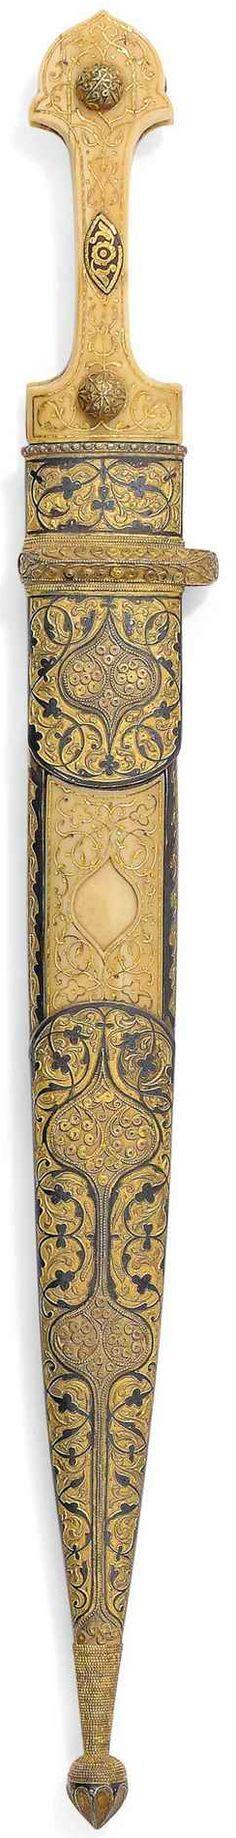 Ottoman dagger sword and armor & Osmanlı hançer kılıç ve zırhları & Osmanlının döneminde kullanılan kılıçlar kalkanlar hançerler ve zırh gibi harp aletleri &